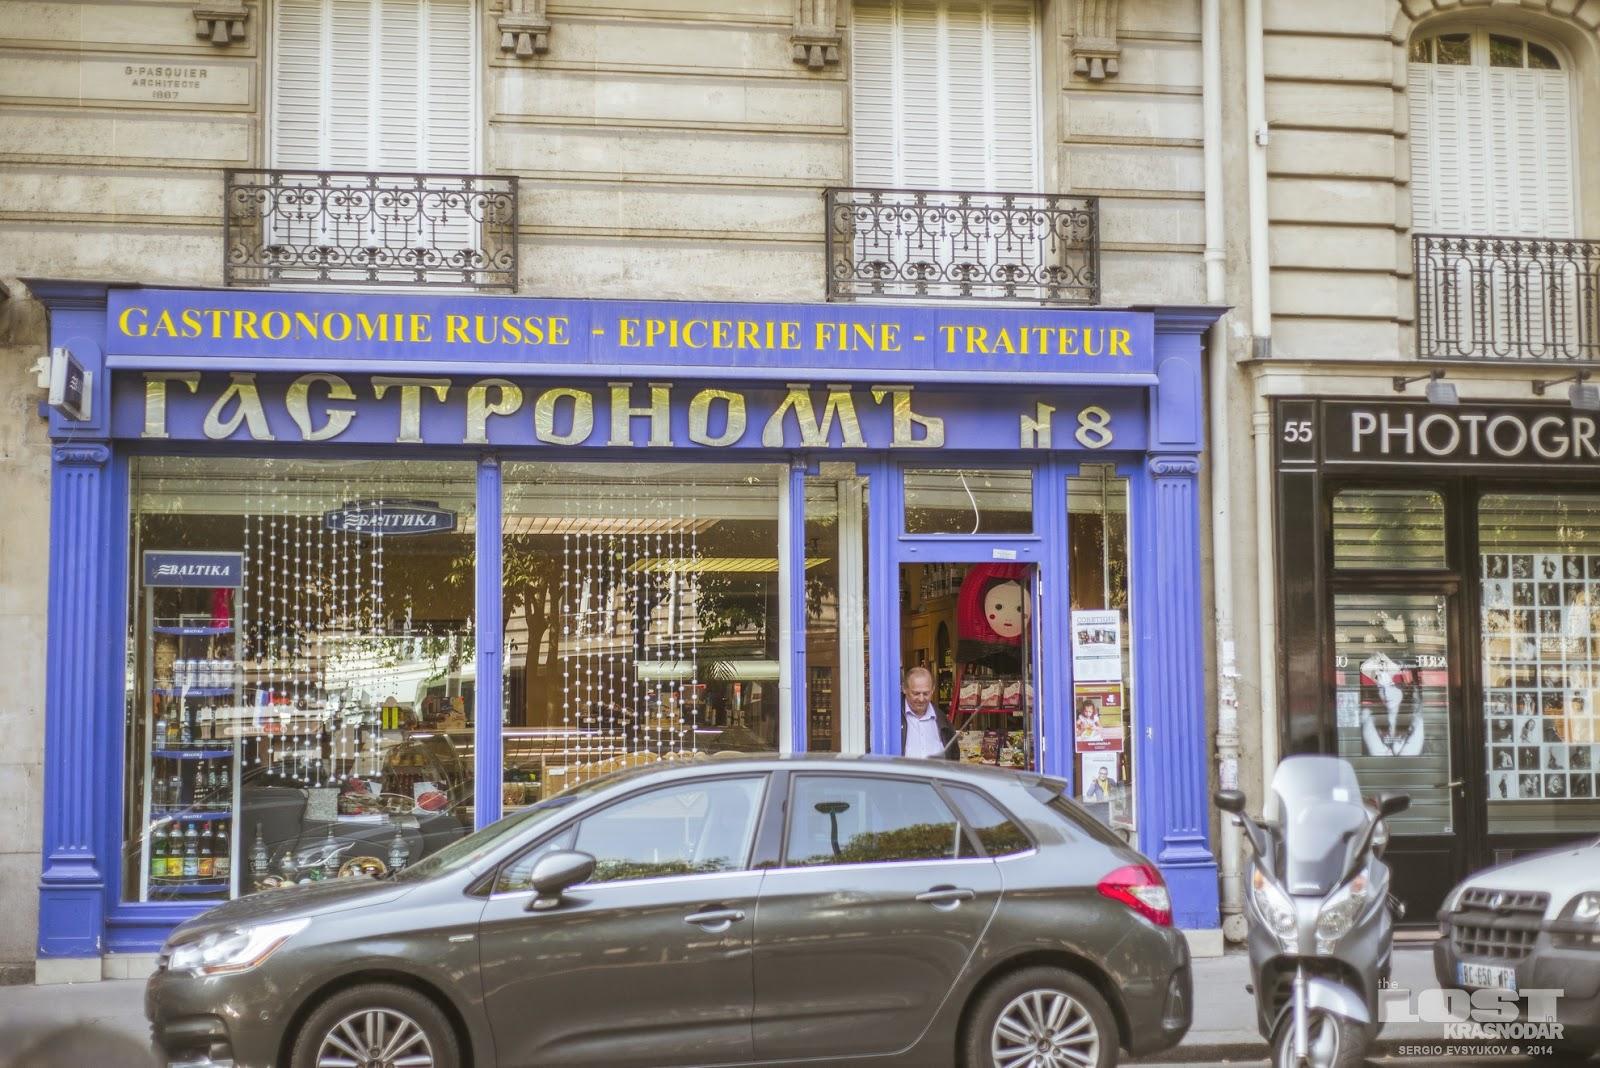 Gastronomie Russe Paris